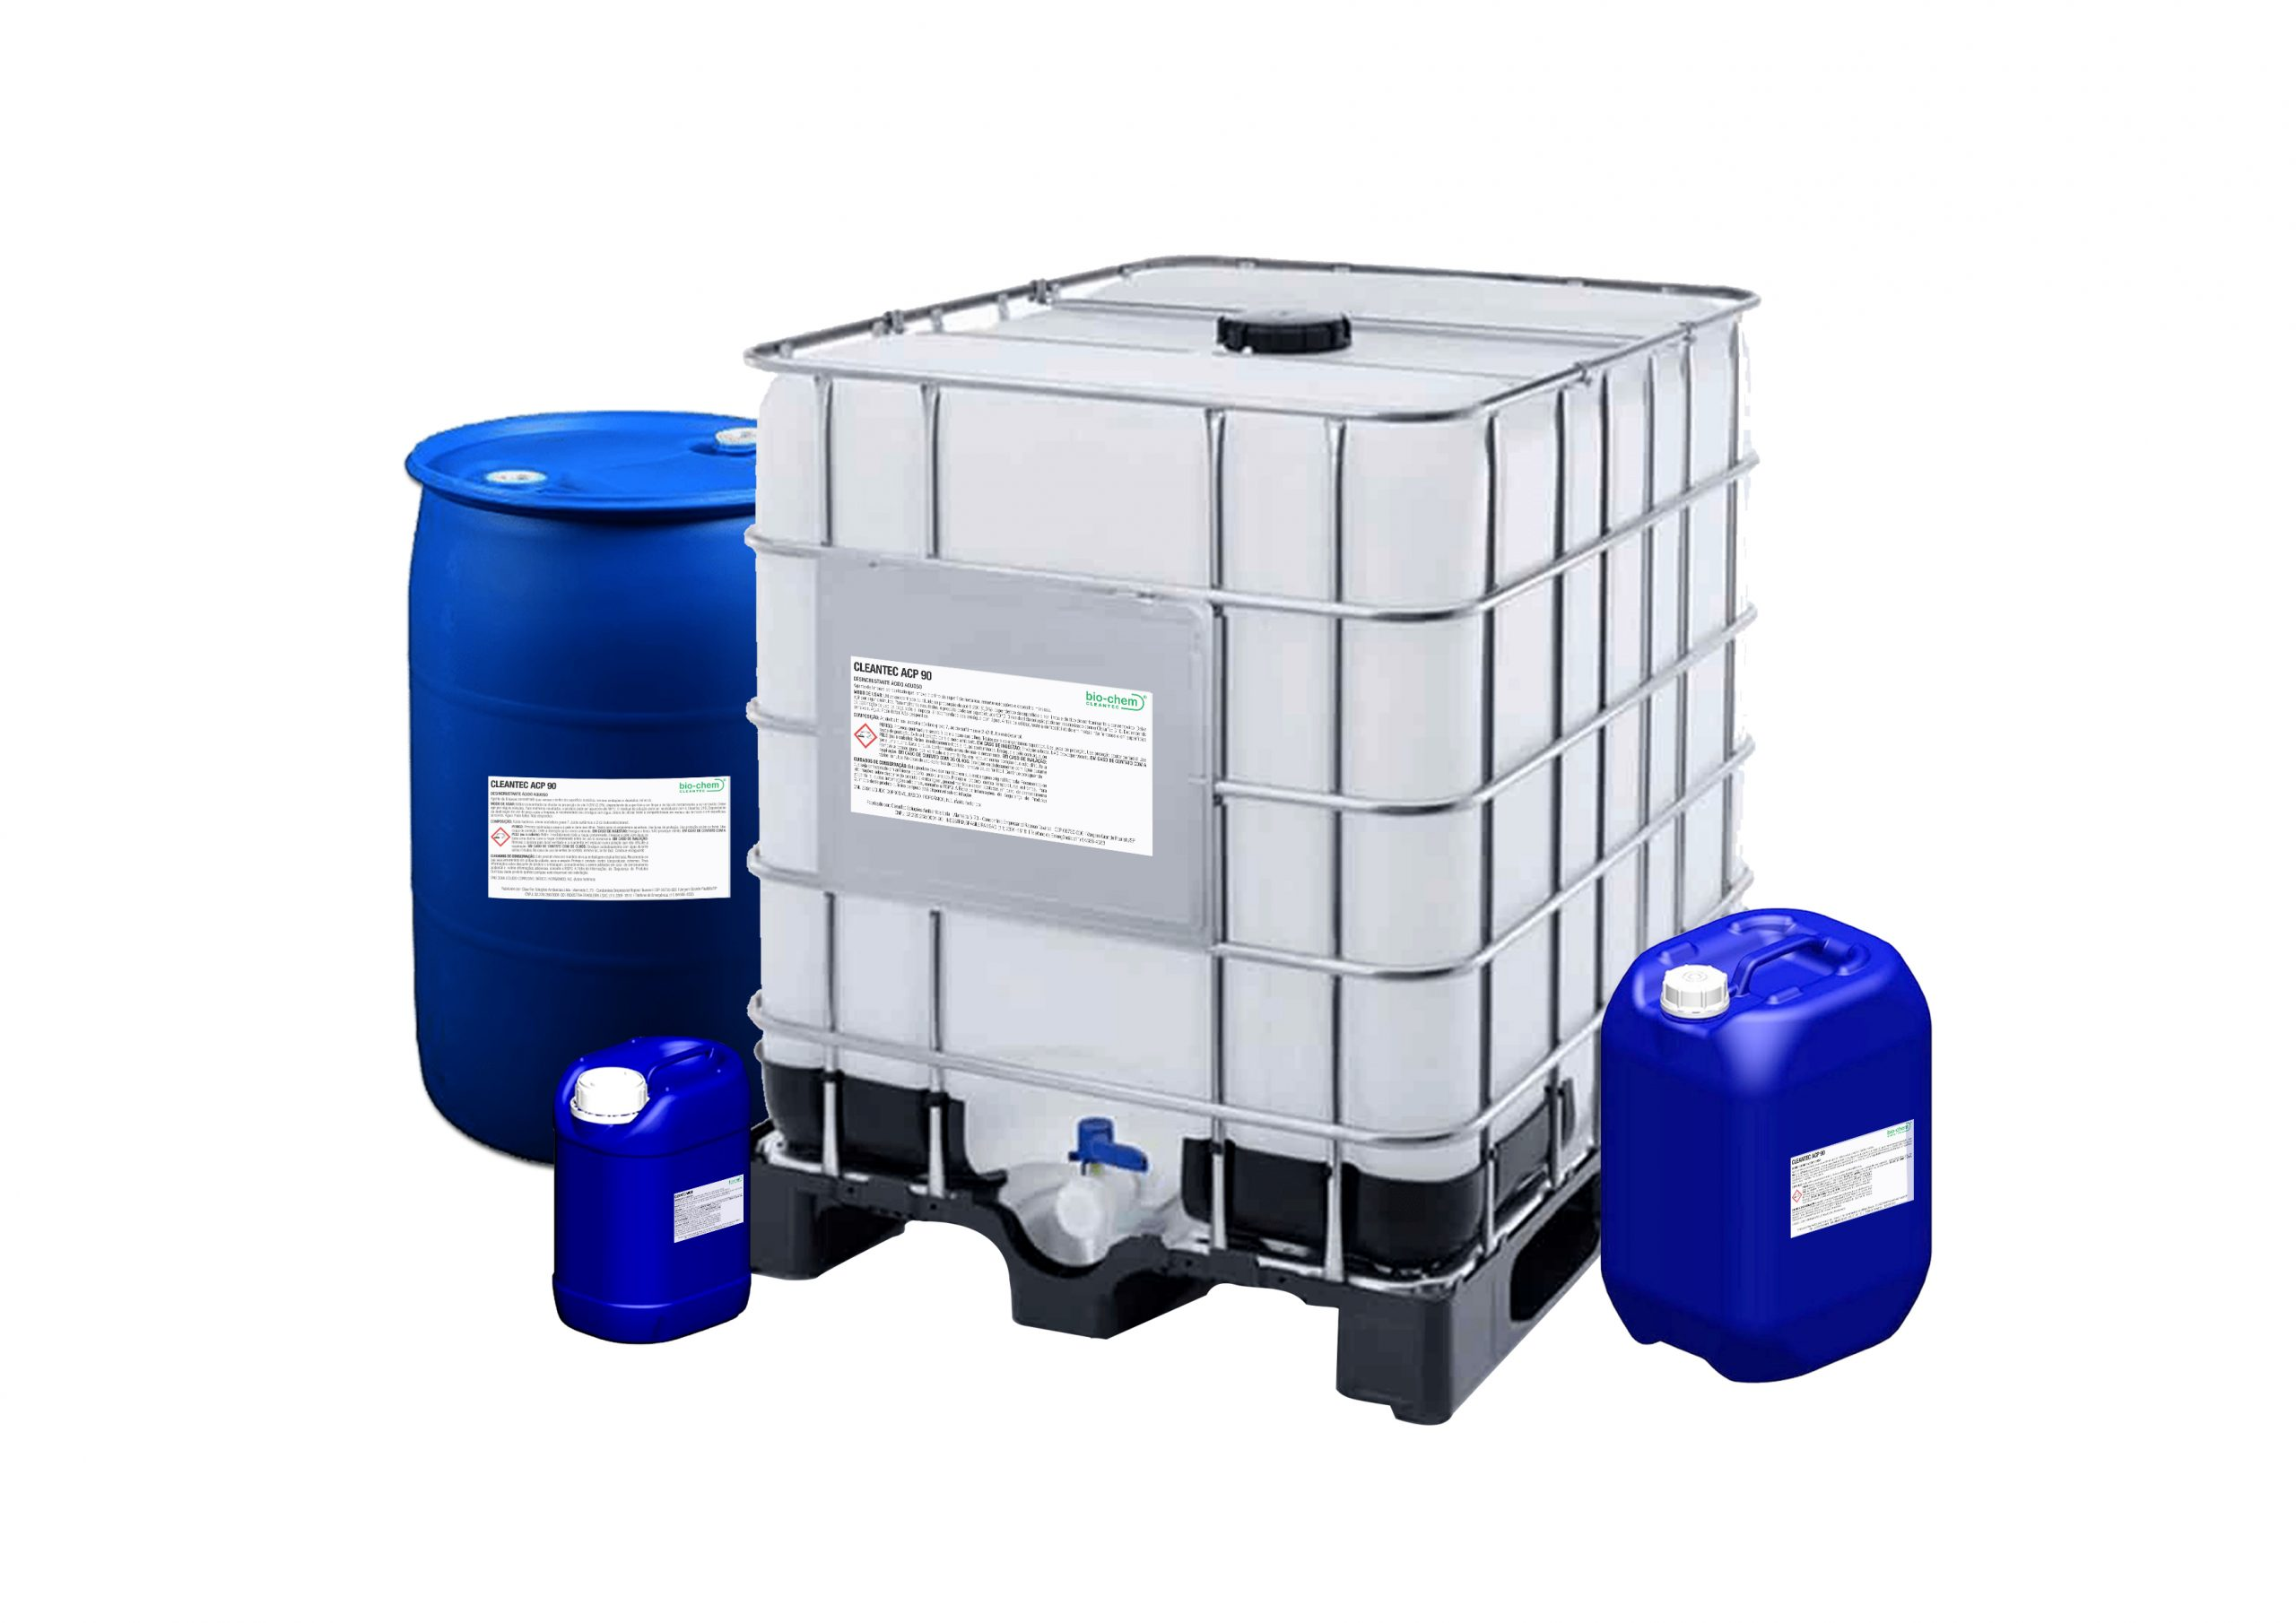 CleanTec ACP 90 é um agente de limpeza formulado concentrado para remoção de oxidações e depósitos minerais em superfícies metálicas